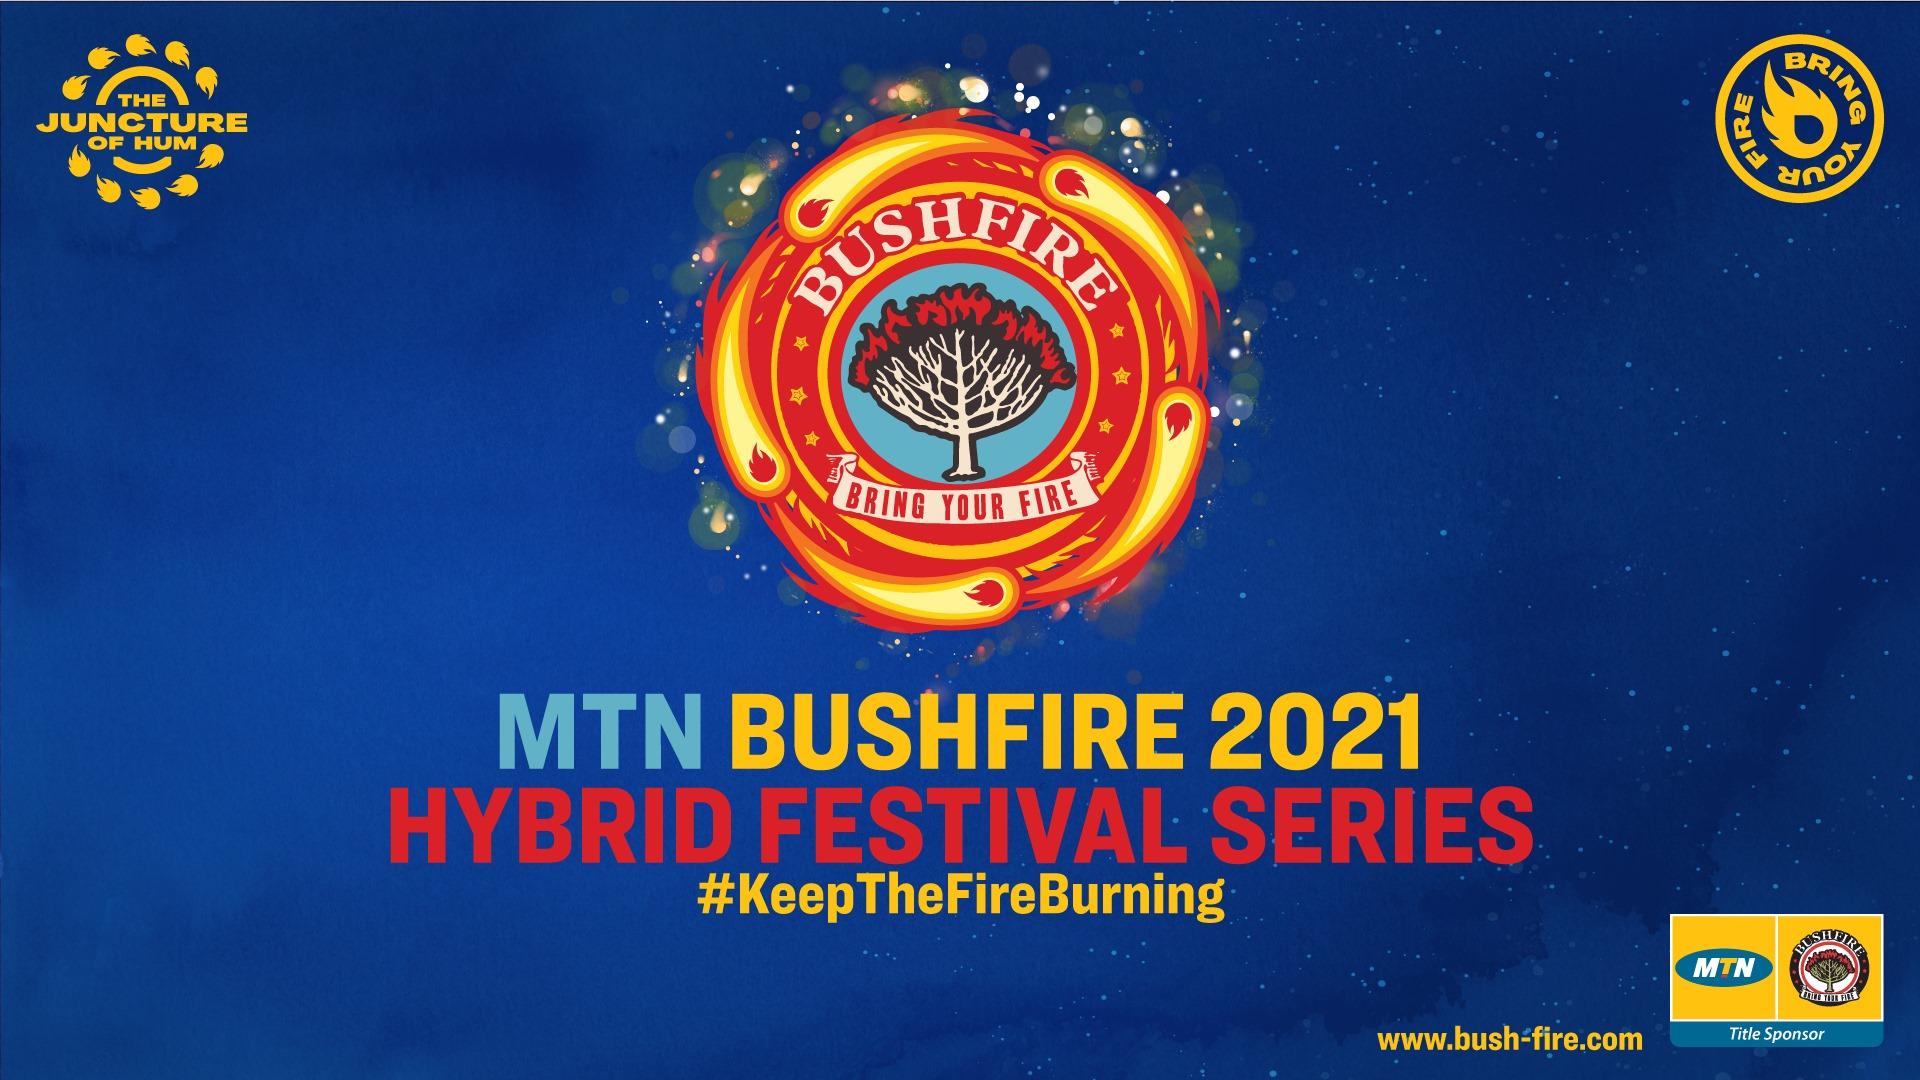 MTN Bushfire 2021 Hybrid Festival Series